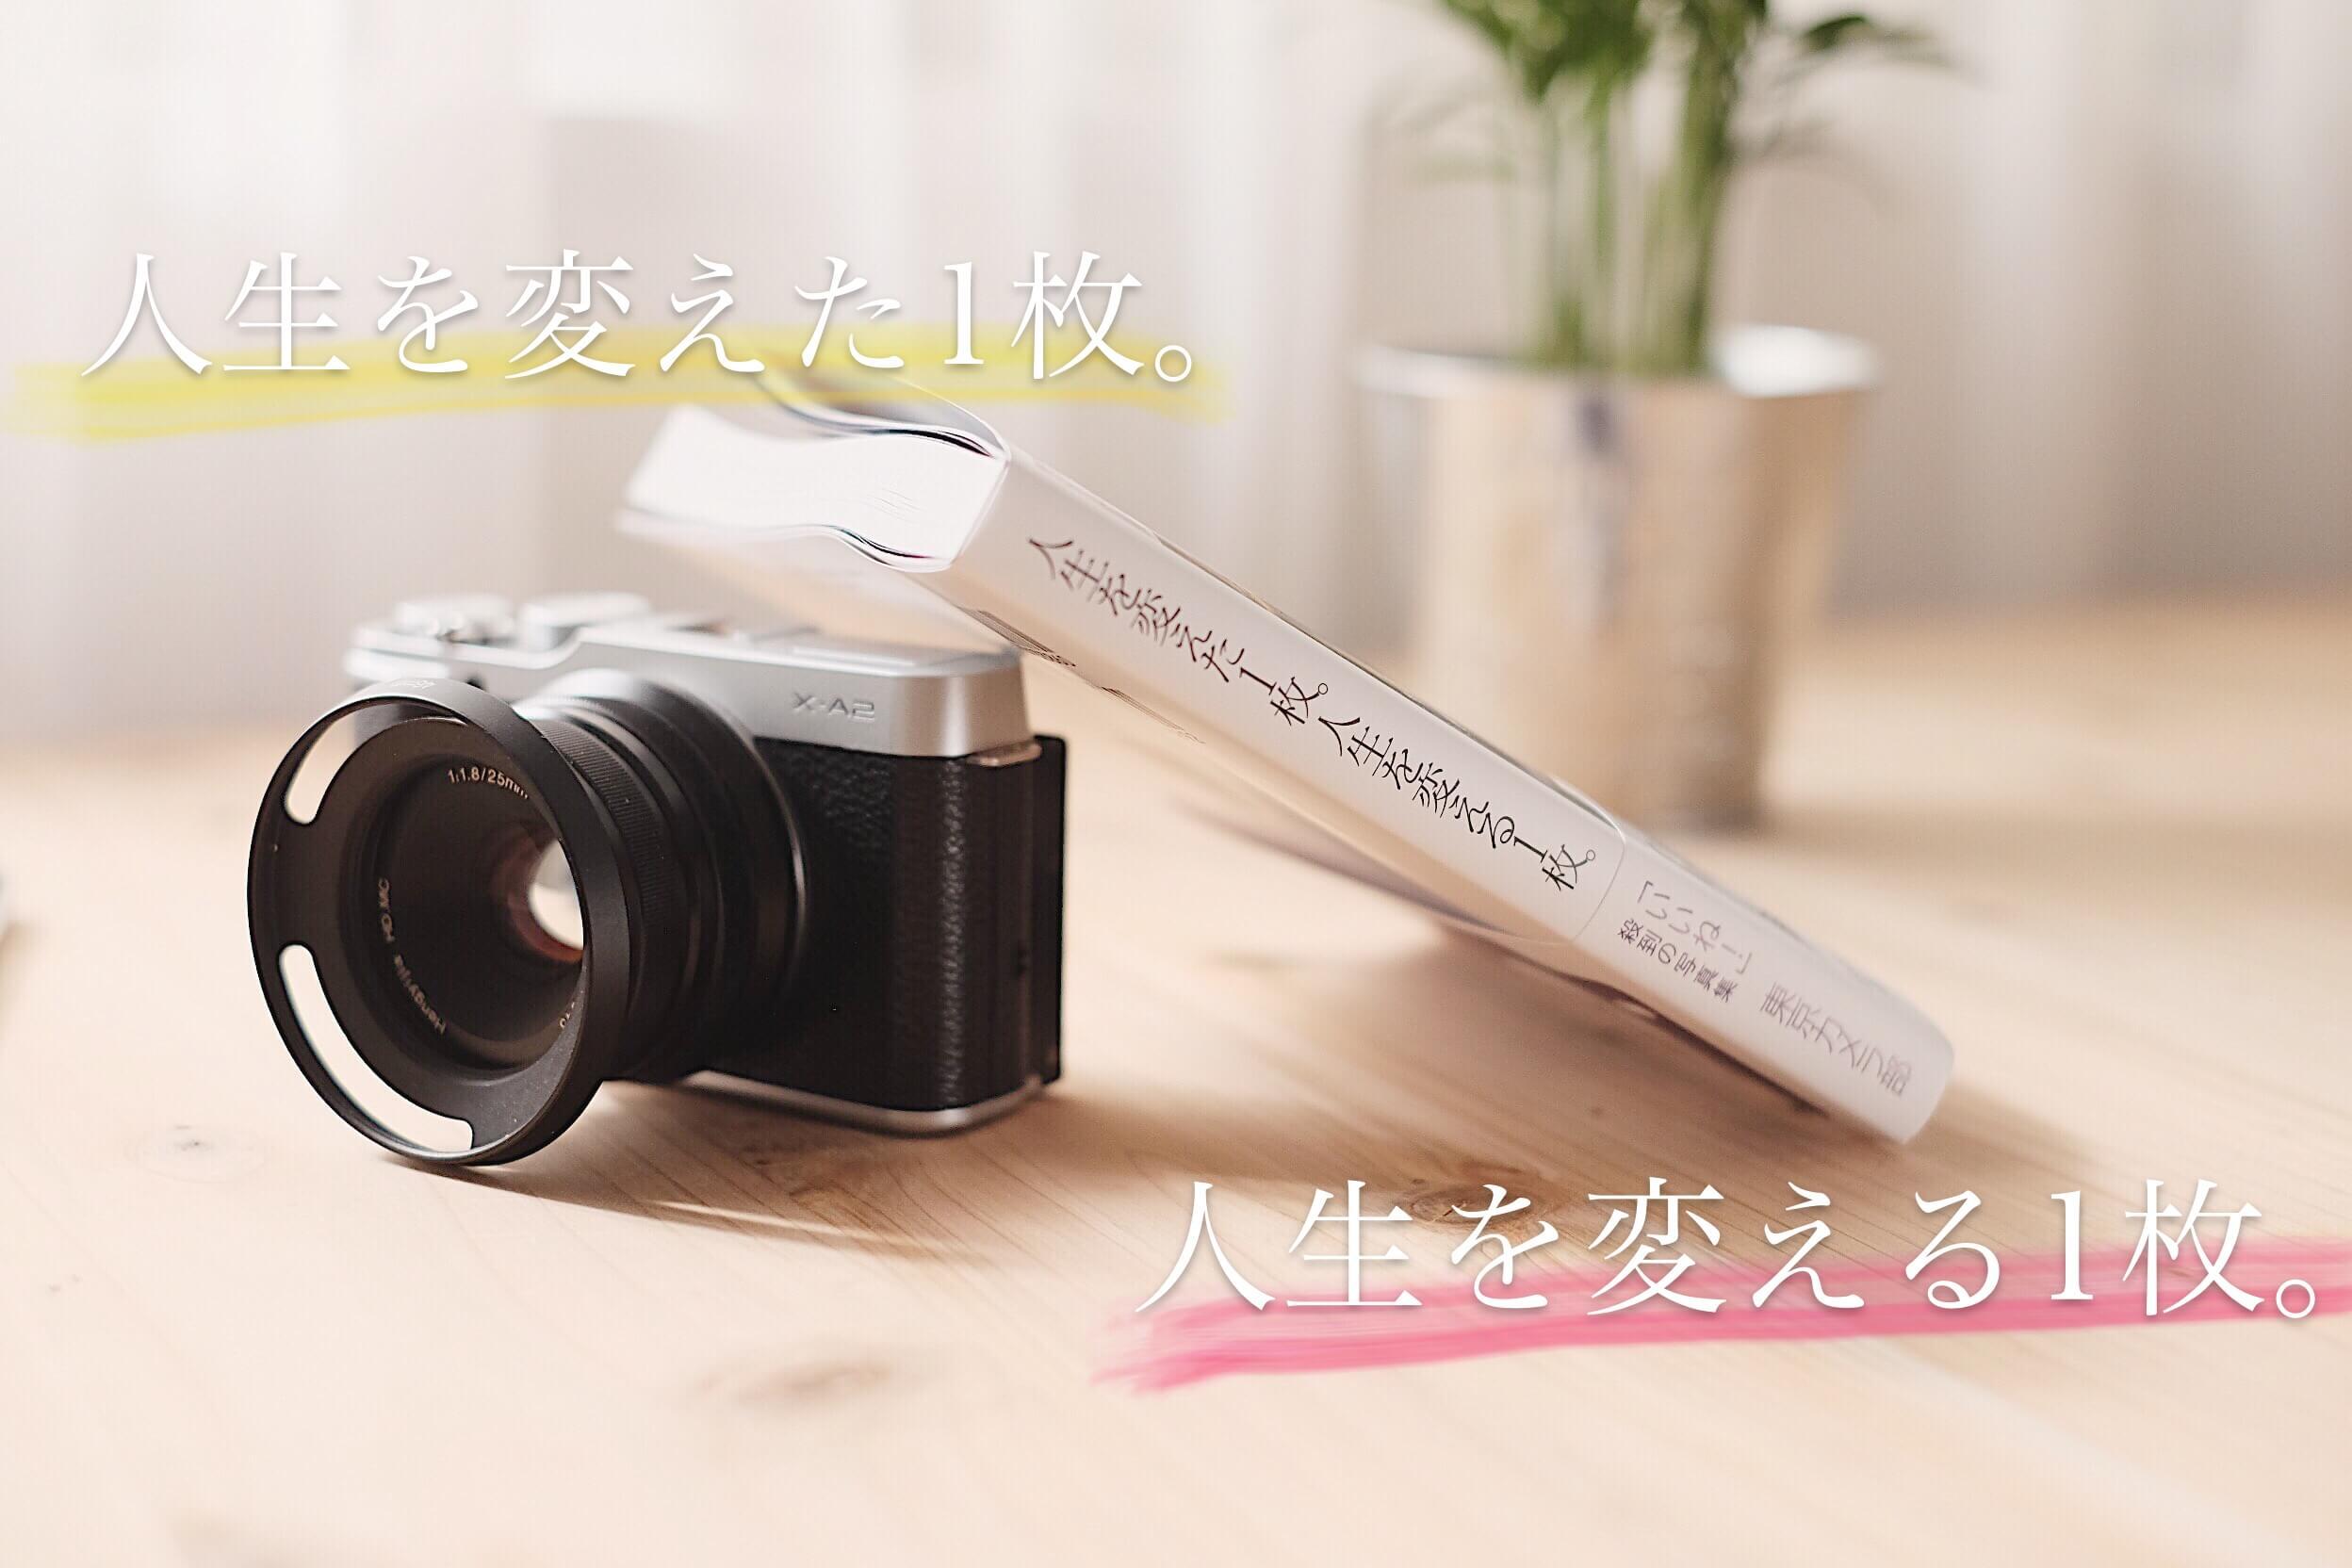 東京カメラ部の写真集「人生を変えた1枚。人生を変える1枚。」を読んで